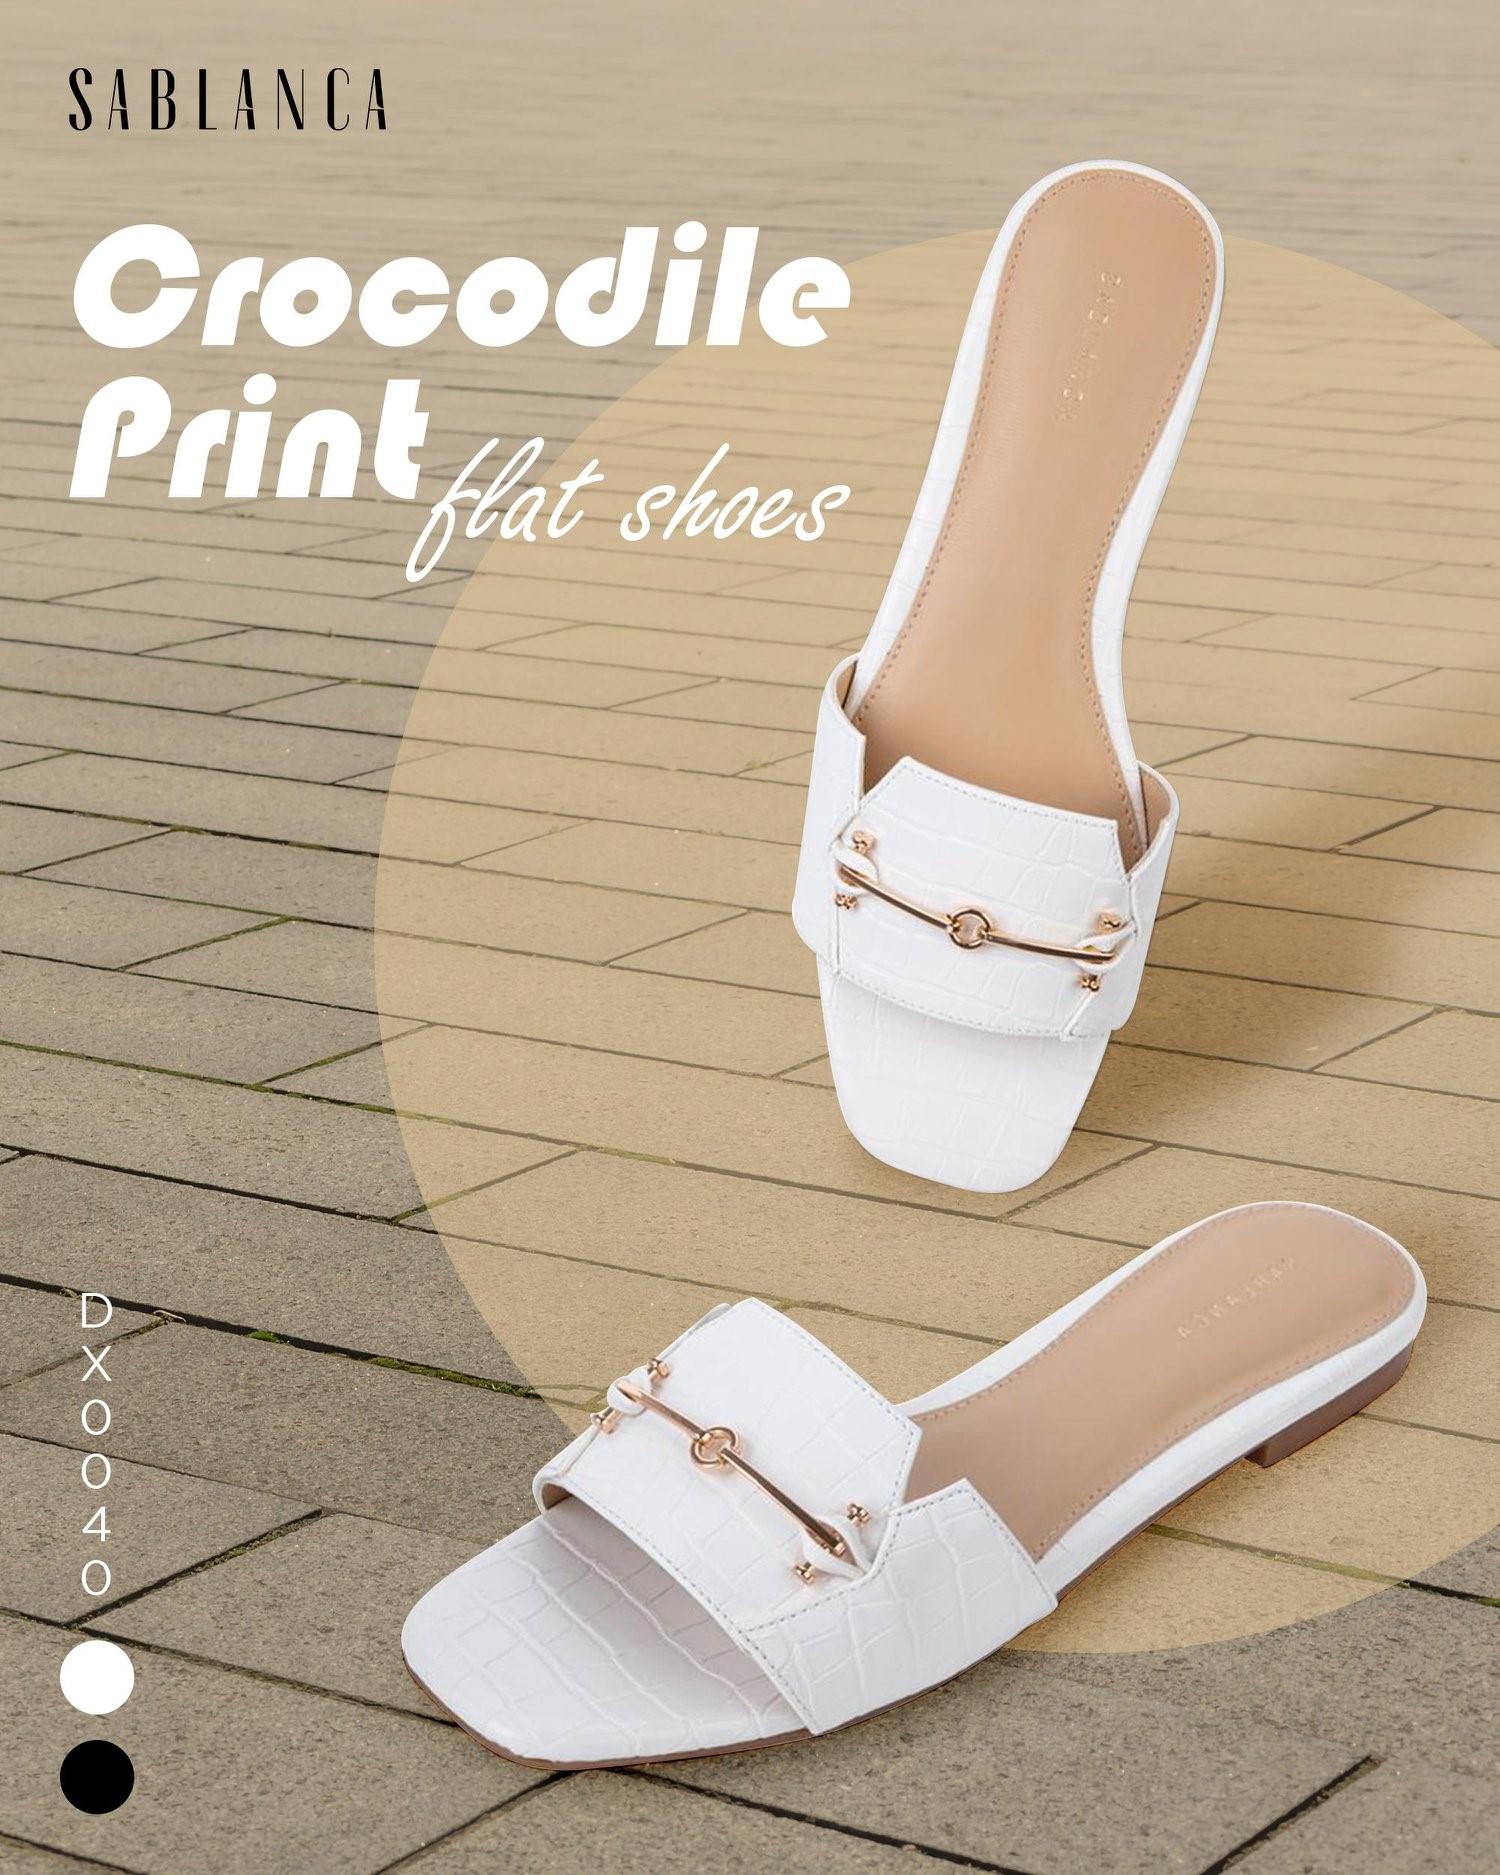 Crocodile-pattern-Hoạ-tiết-tạo-nên-quyền-lực-trong-làng-mốt